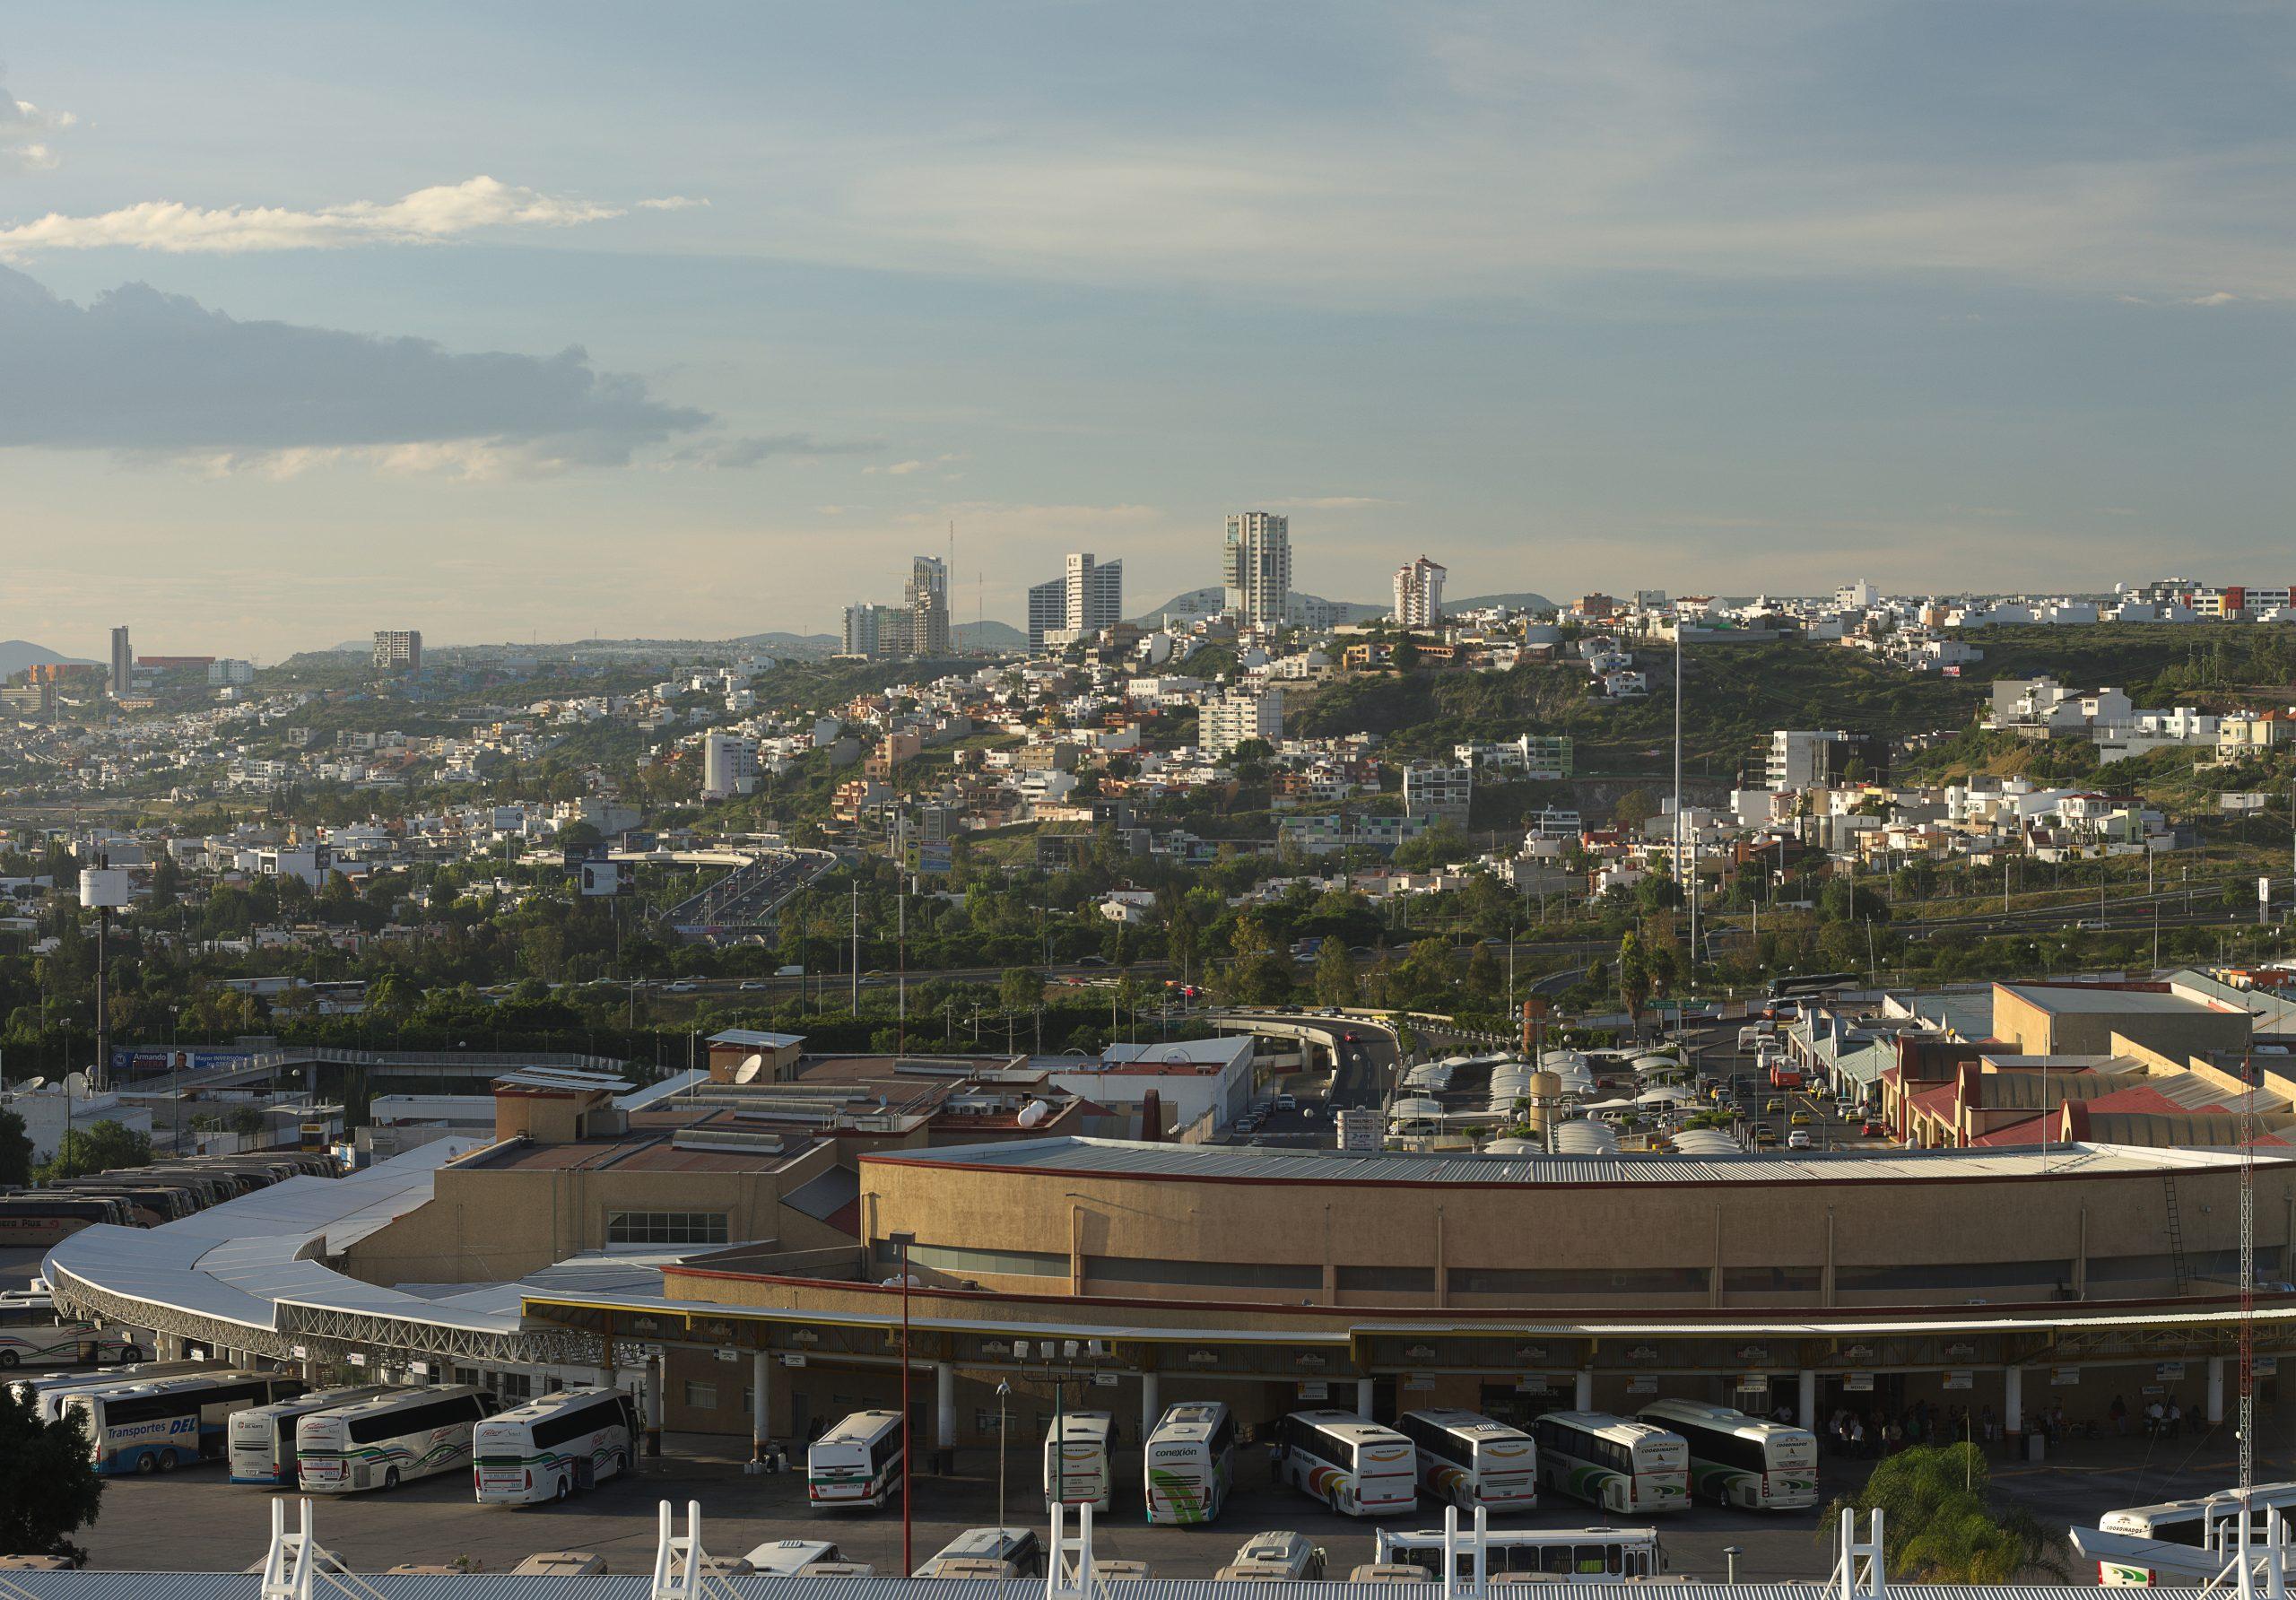 Vista de Querétaro